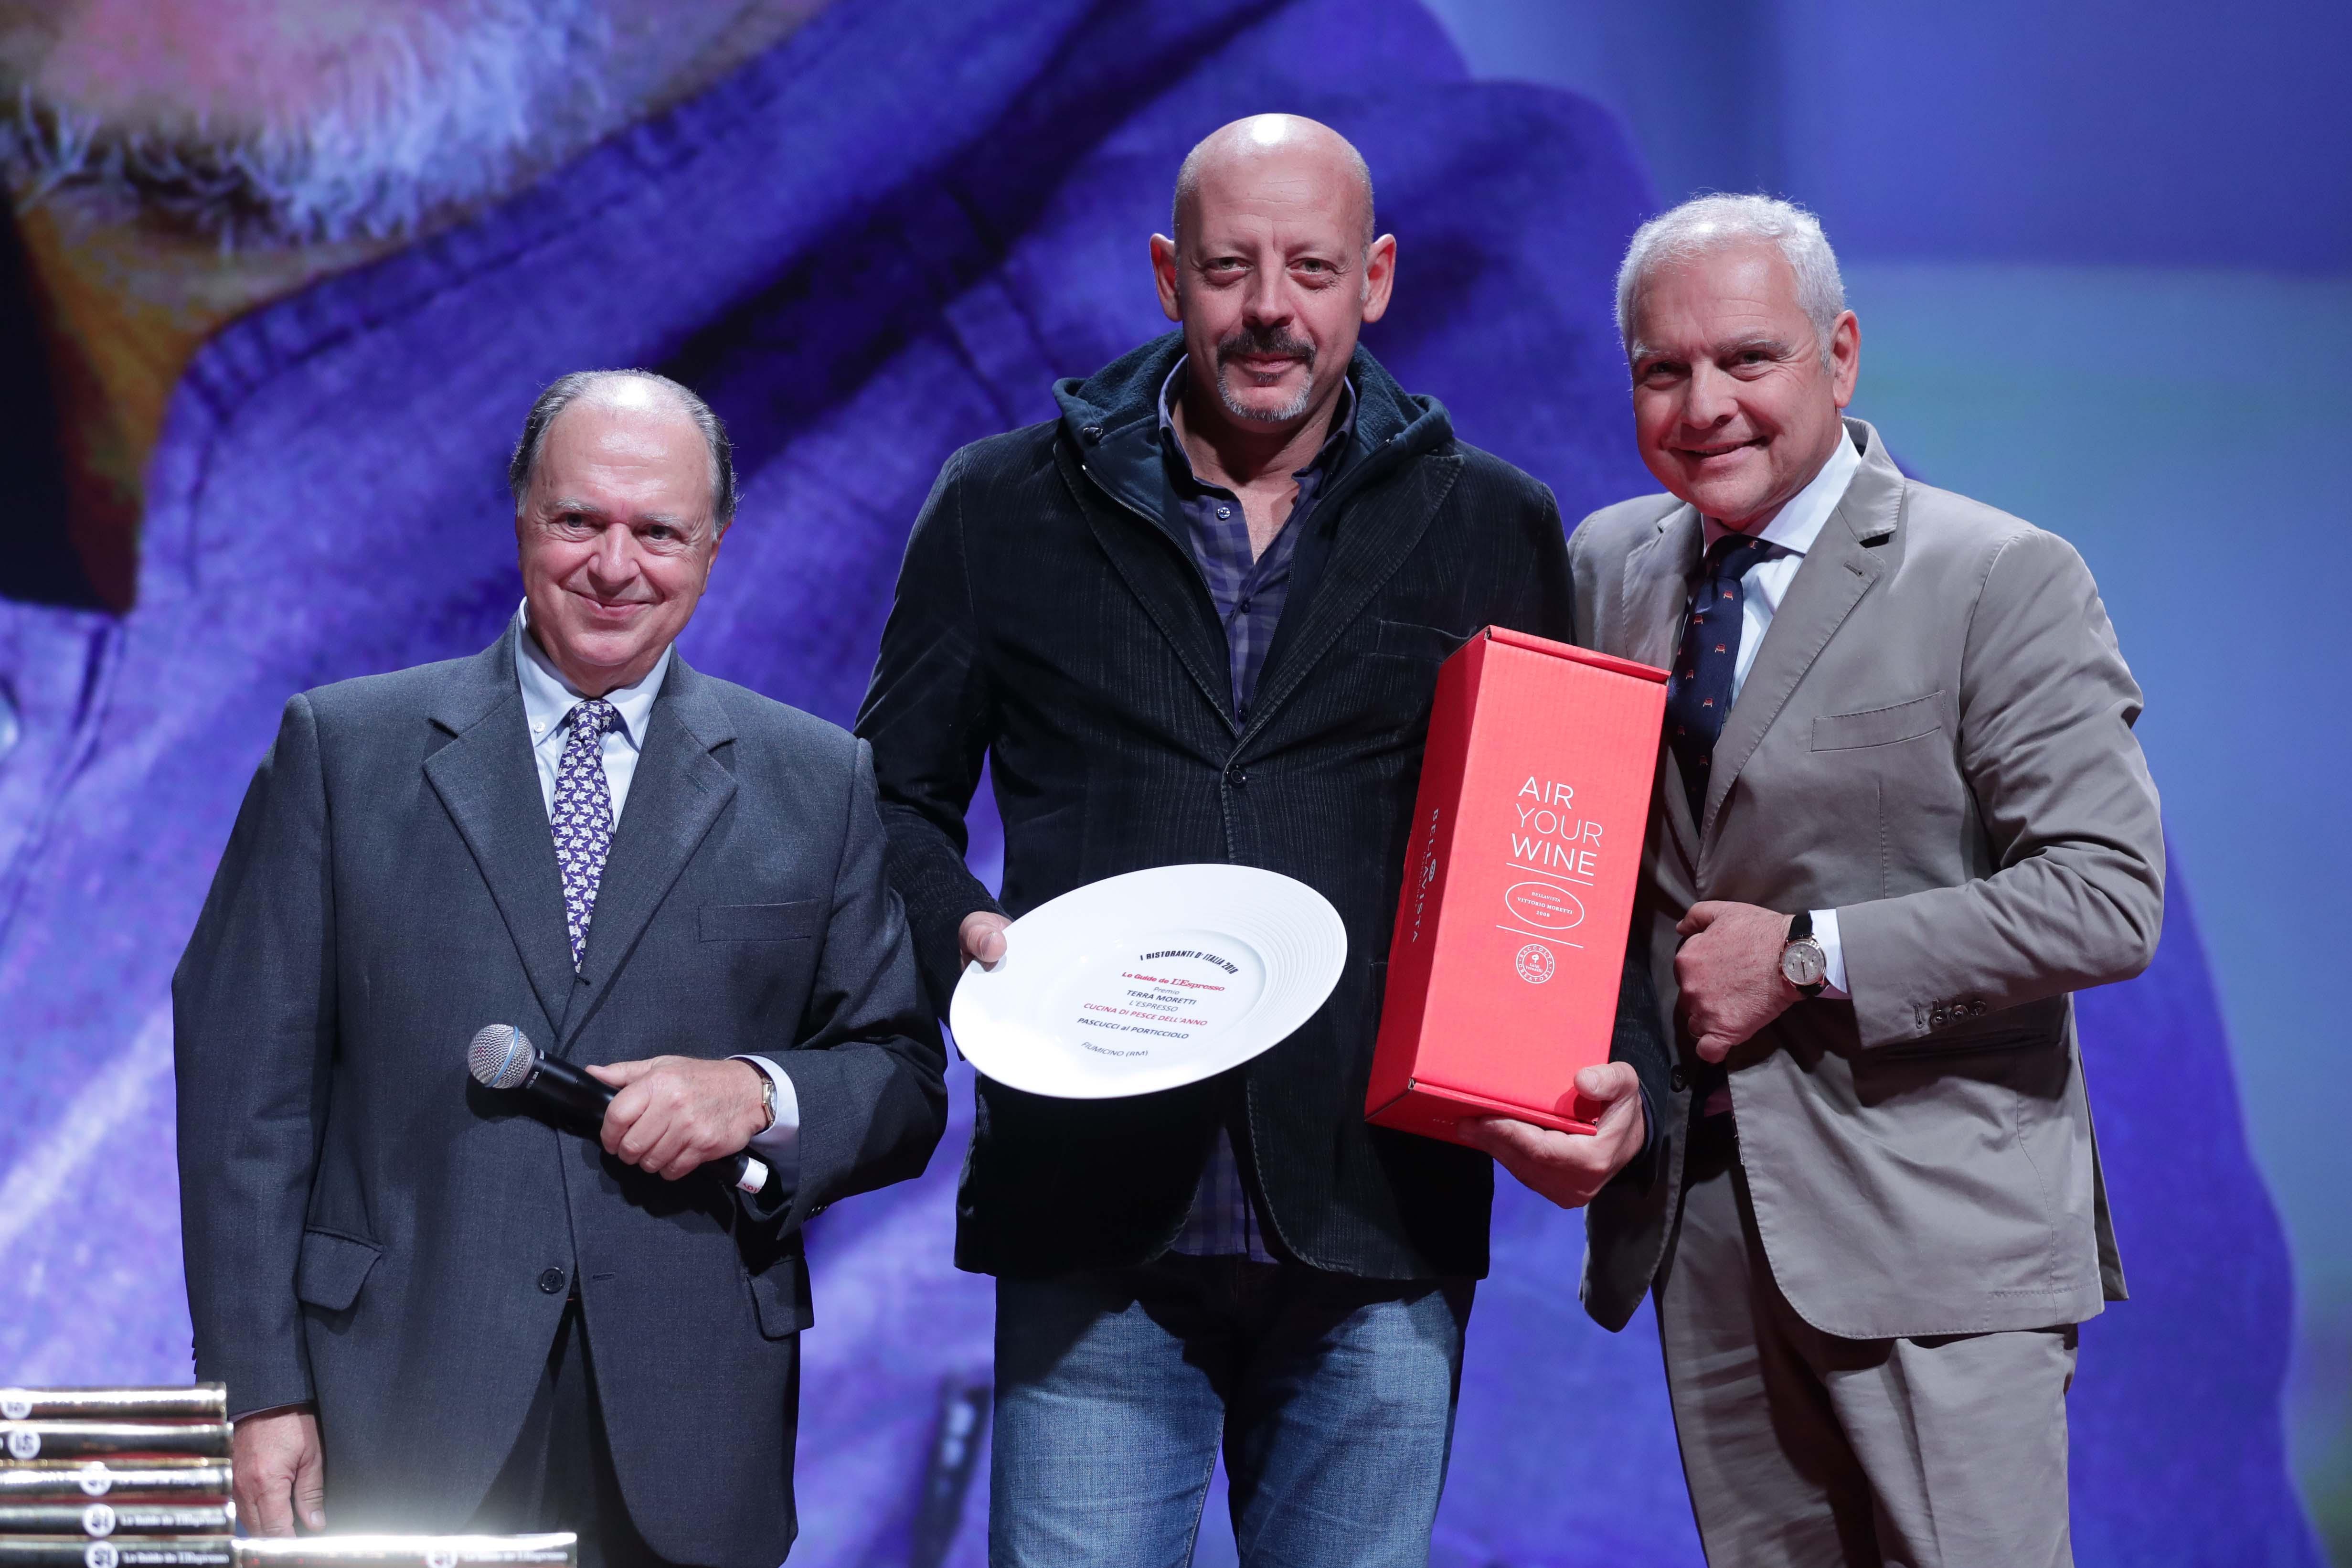 Assegnati i Premi firmati Terra Moretti all'eccellenza culinaria del Made in Italy e riconoscimenti ai Vini del Gruppo Terra Moretti